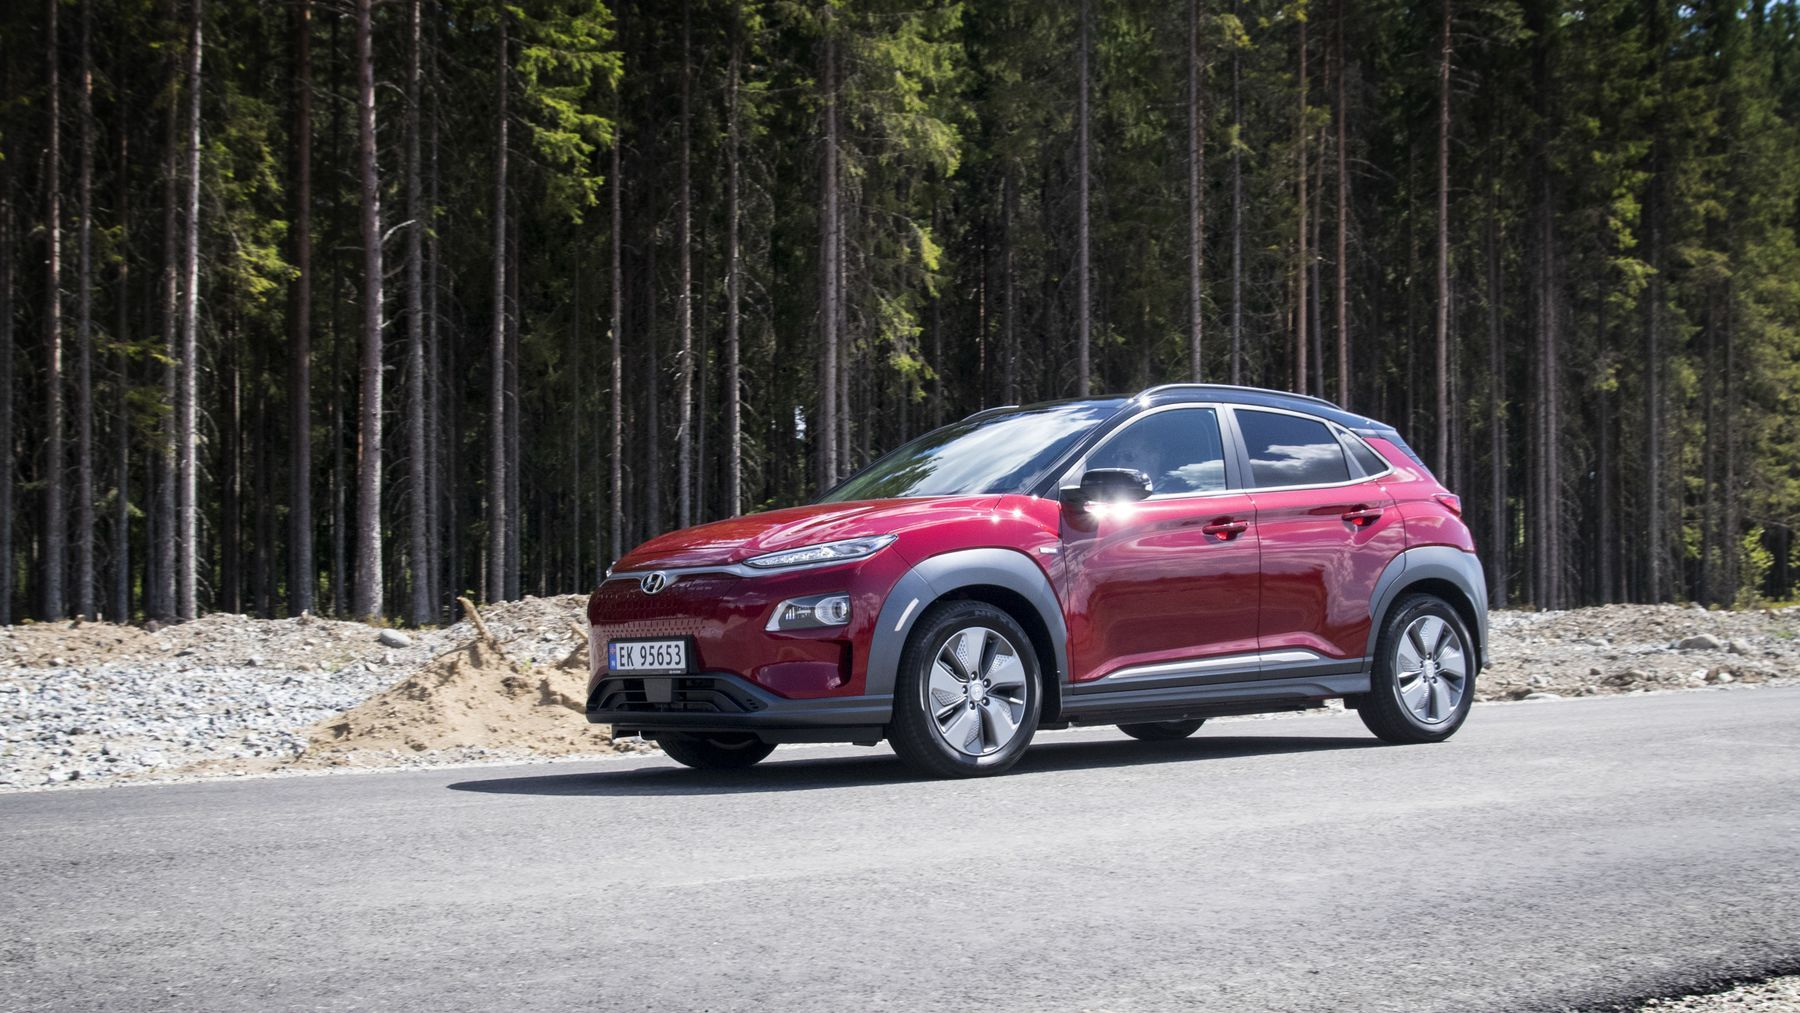 Hyundai øker rekkevidden på Kona med nye dekk